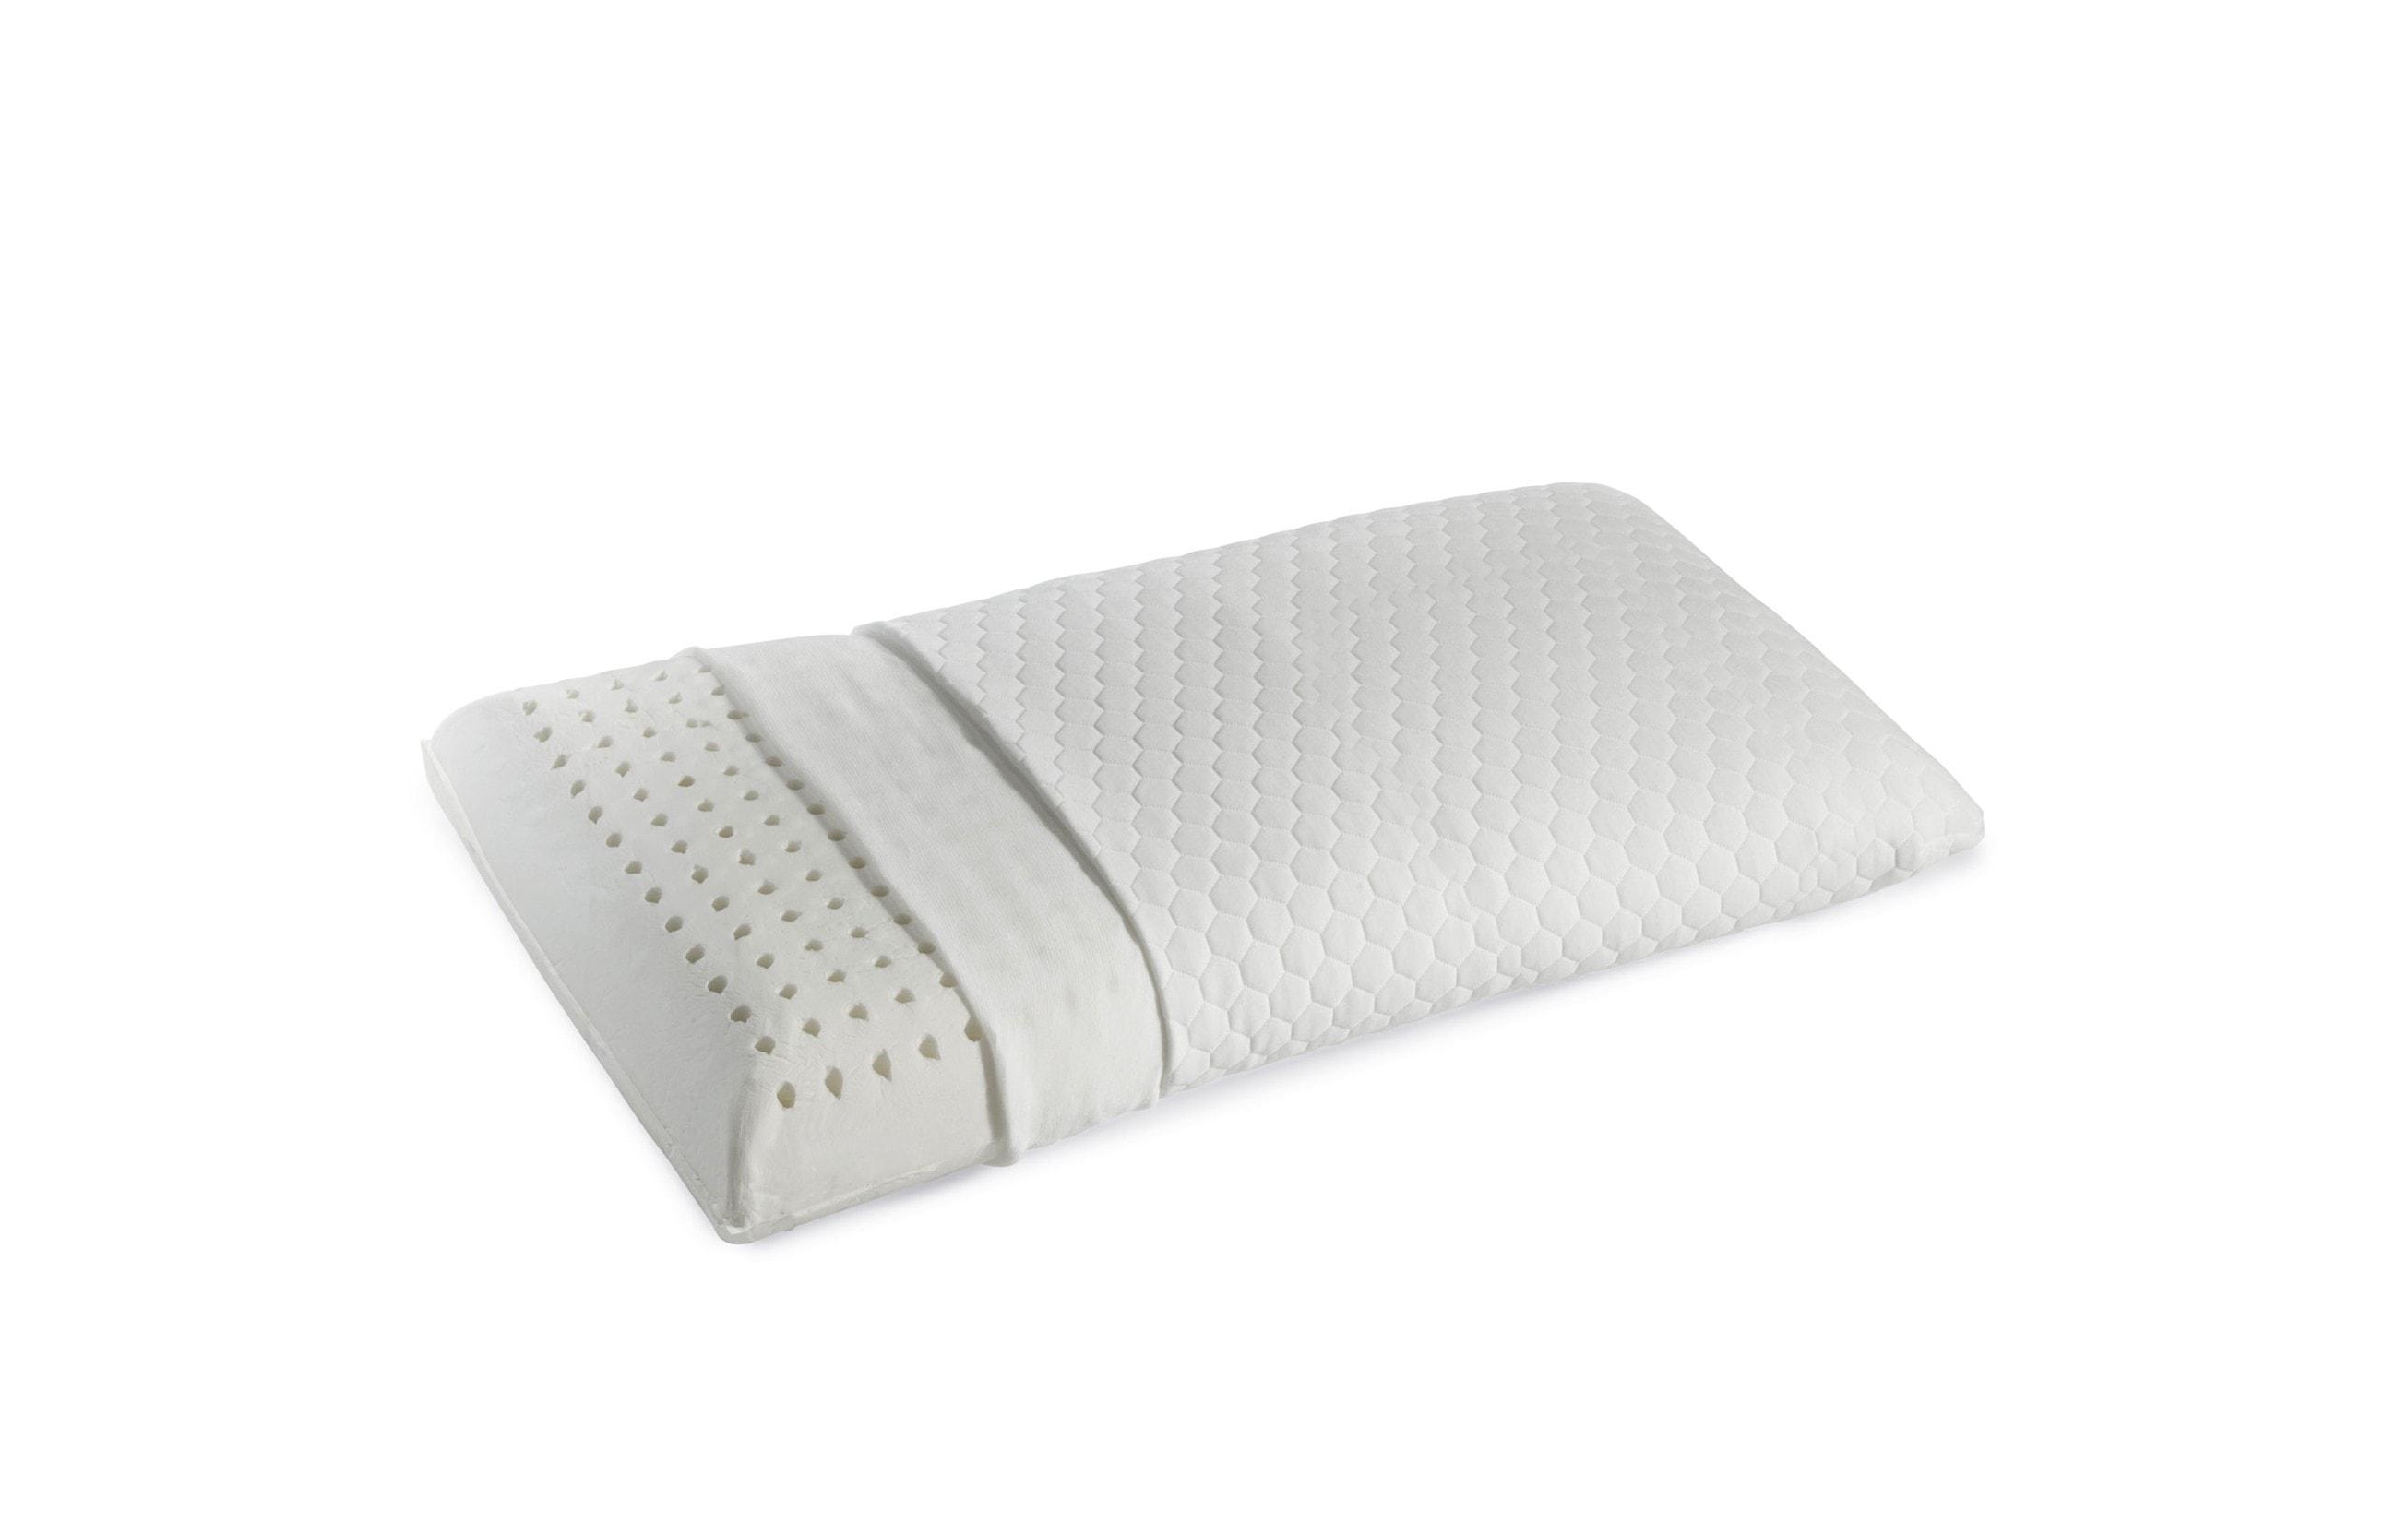 Las ventajas de las almohadas de látex